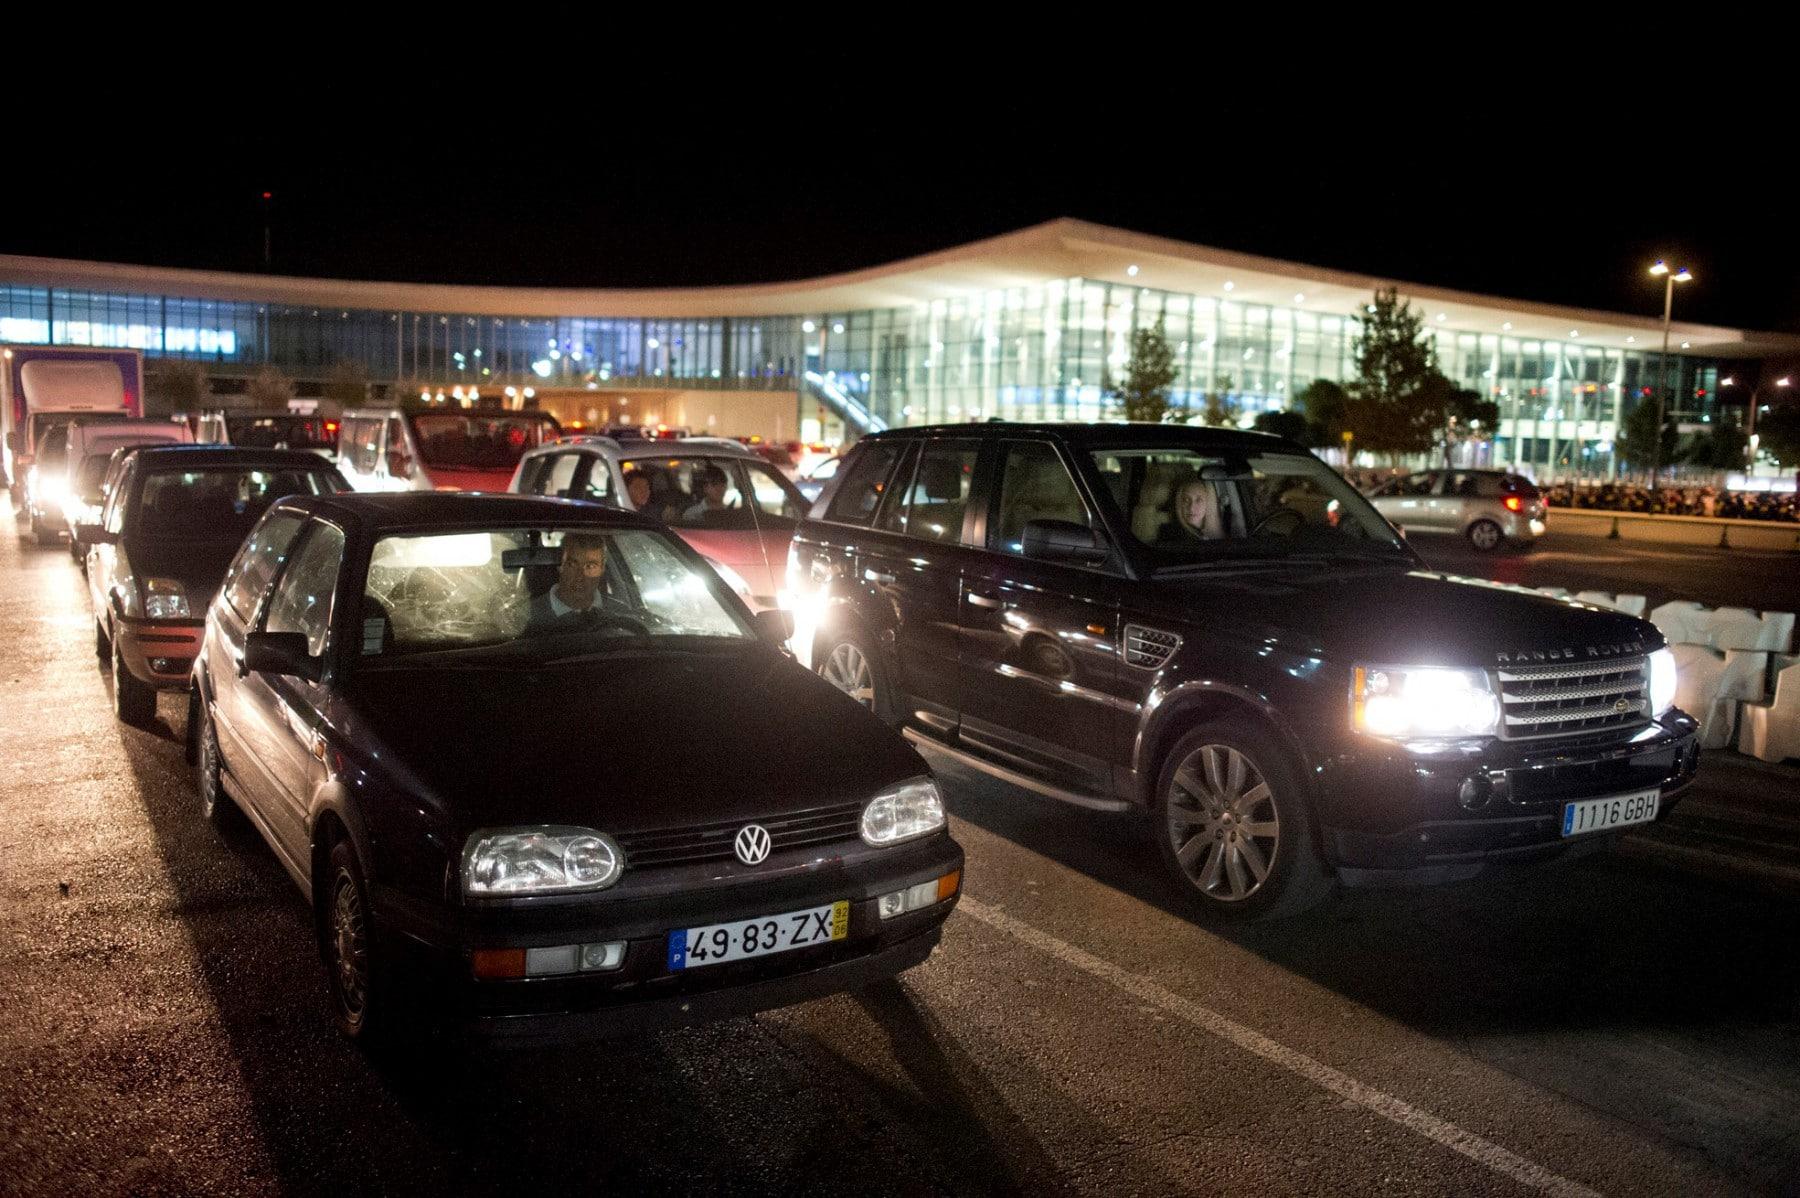 colas-frontera-de-gibraltar-11-noviembre-20141_15762221111_o